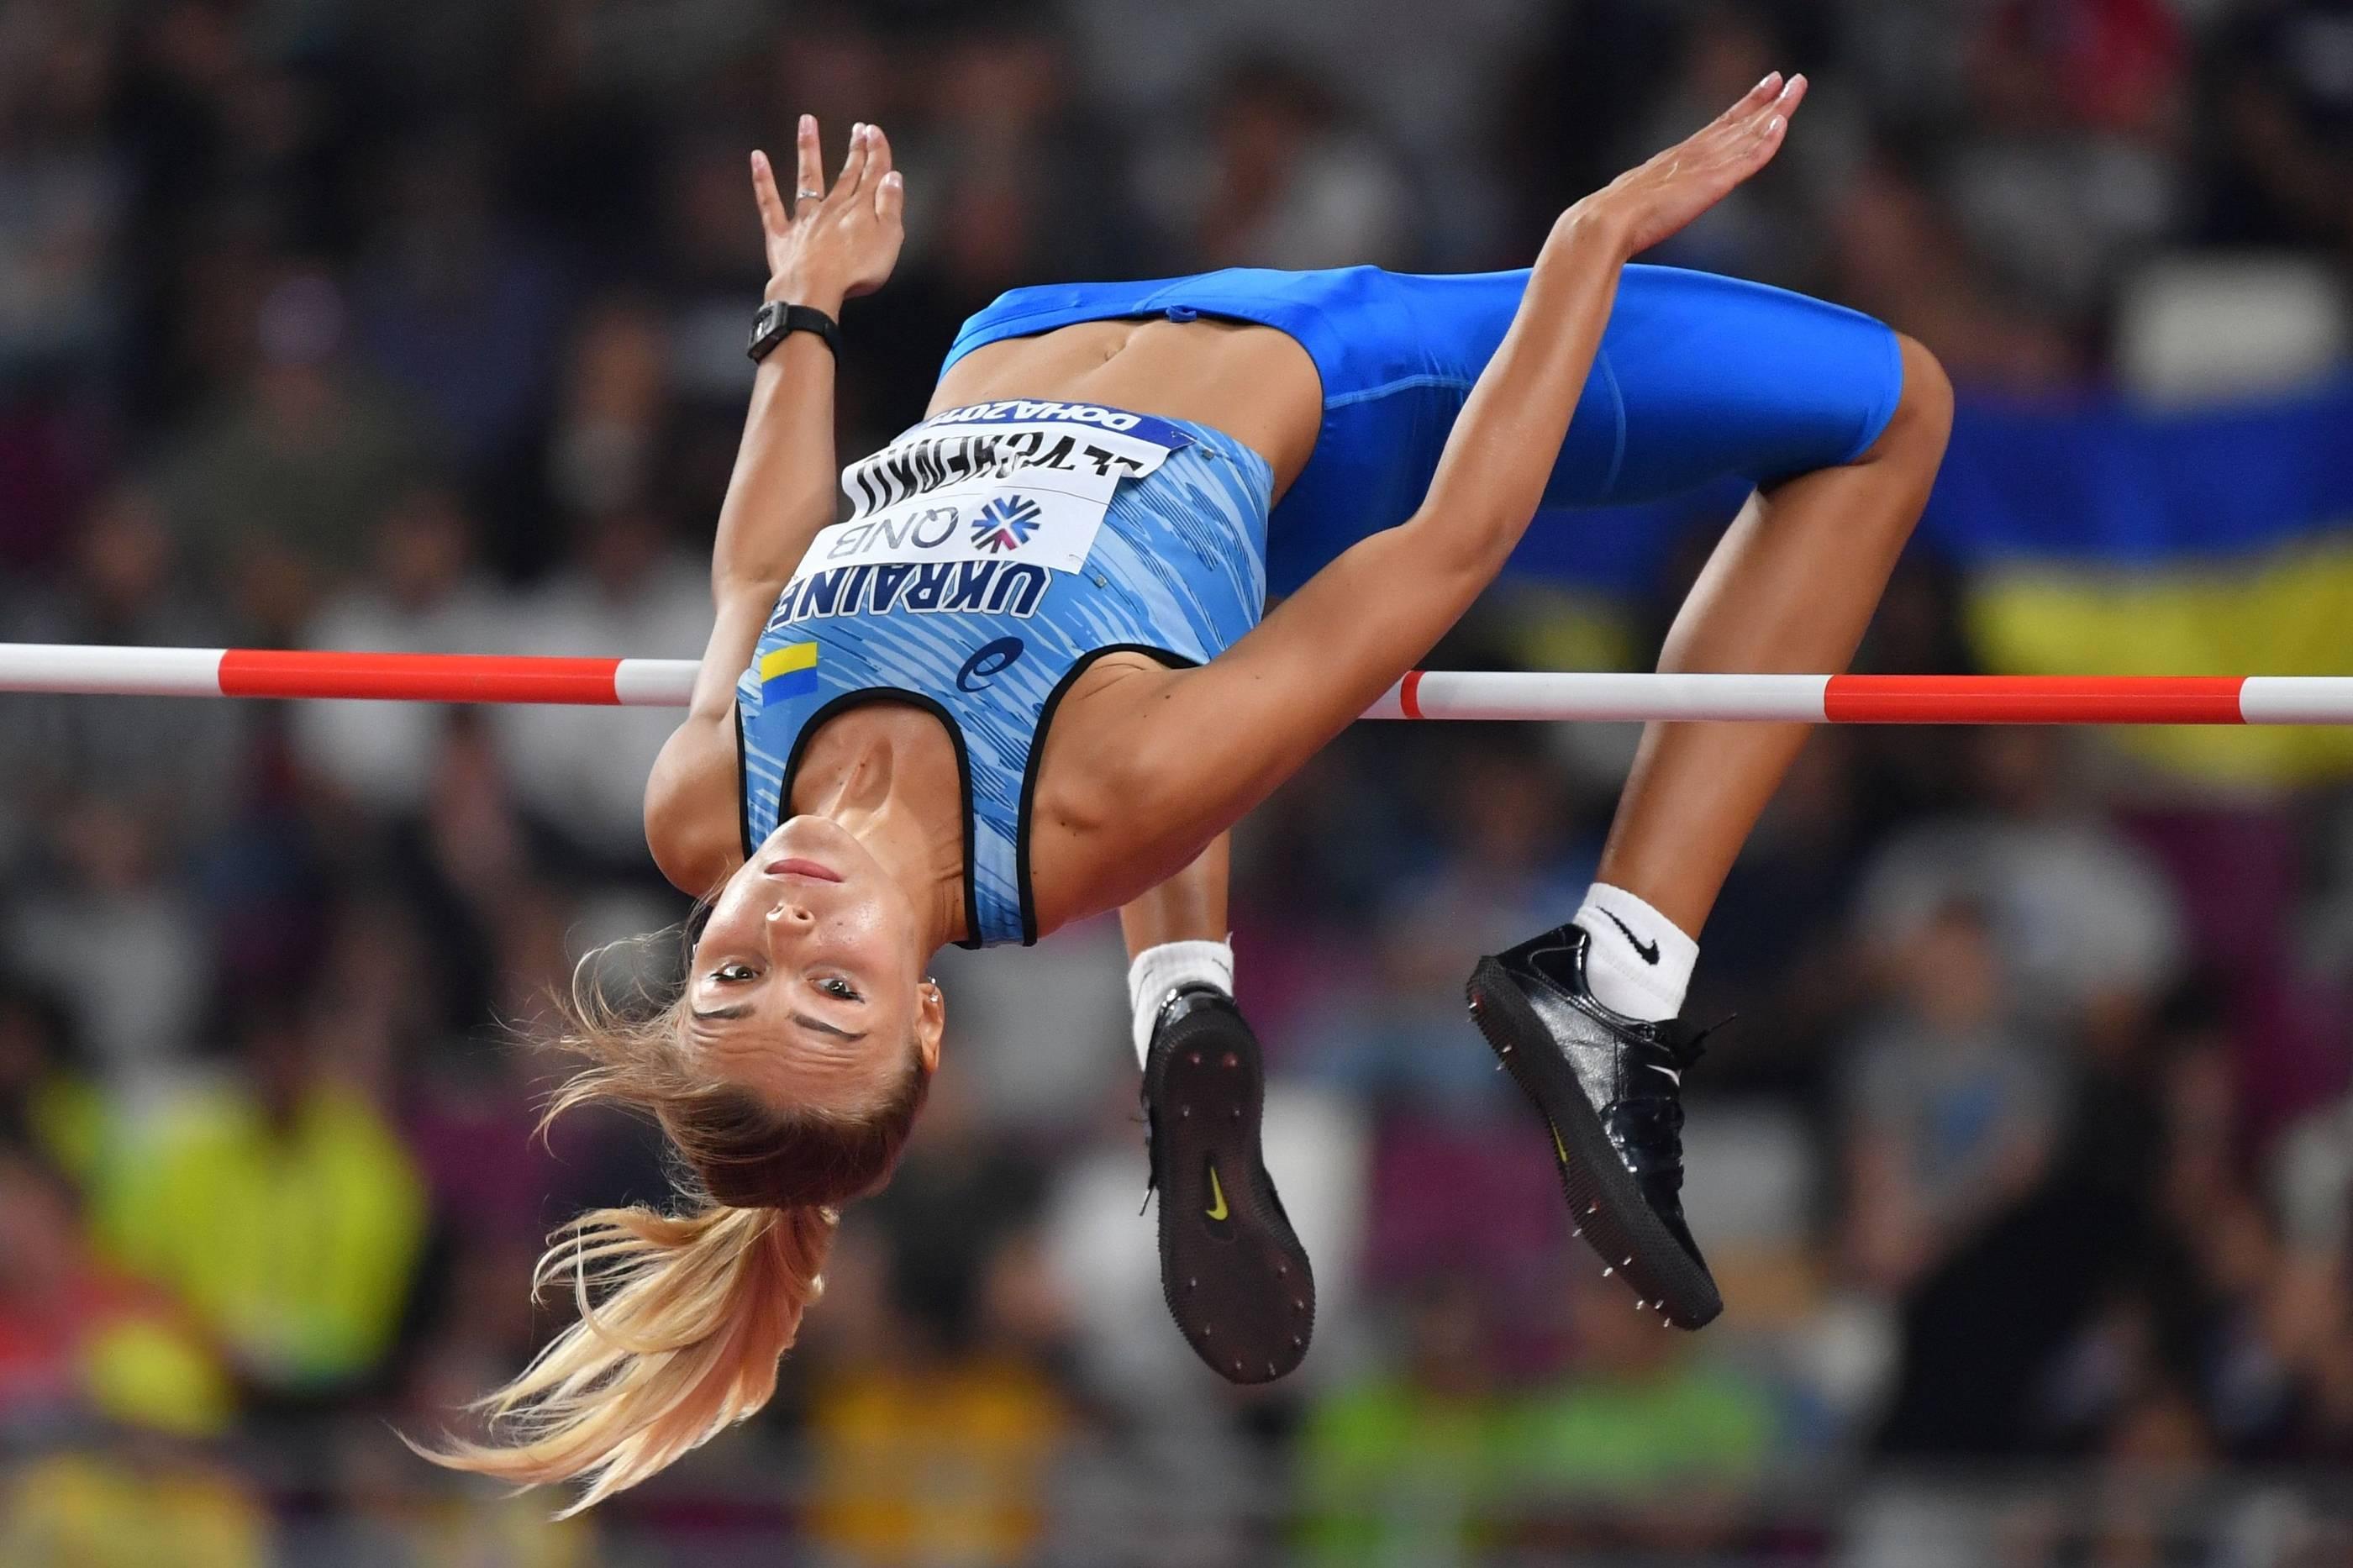 Heißesten weiblichen aller  nackt Olympia  Top Athletinnen  10 Zeiten Top 10